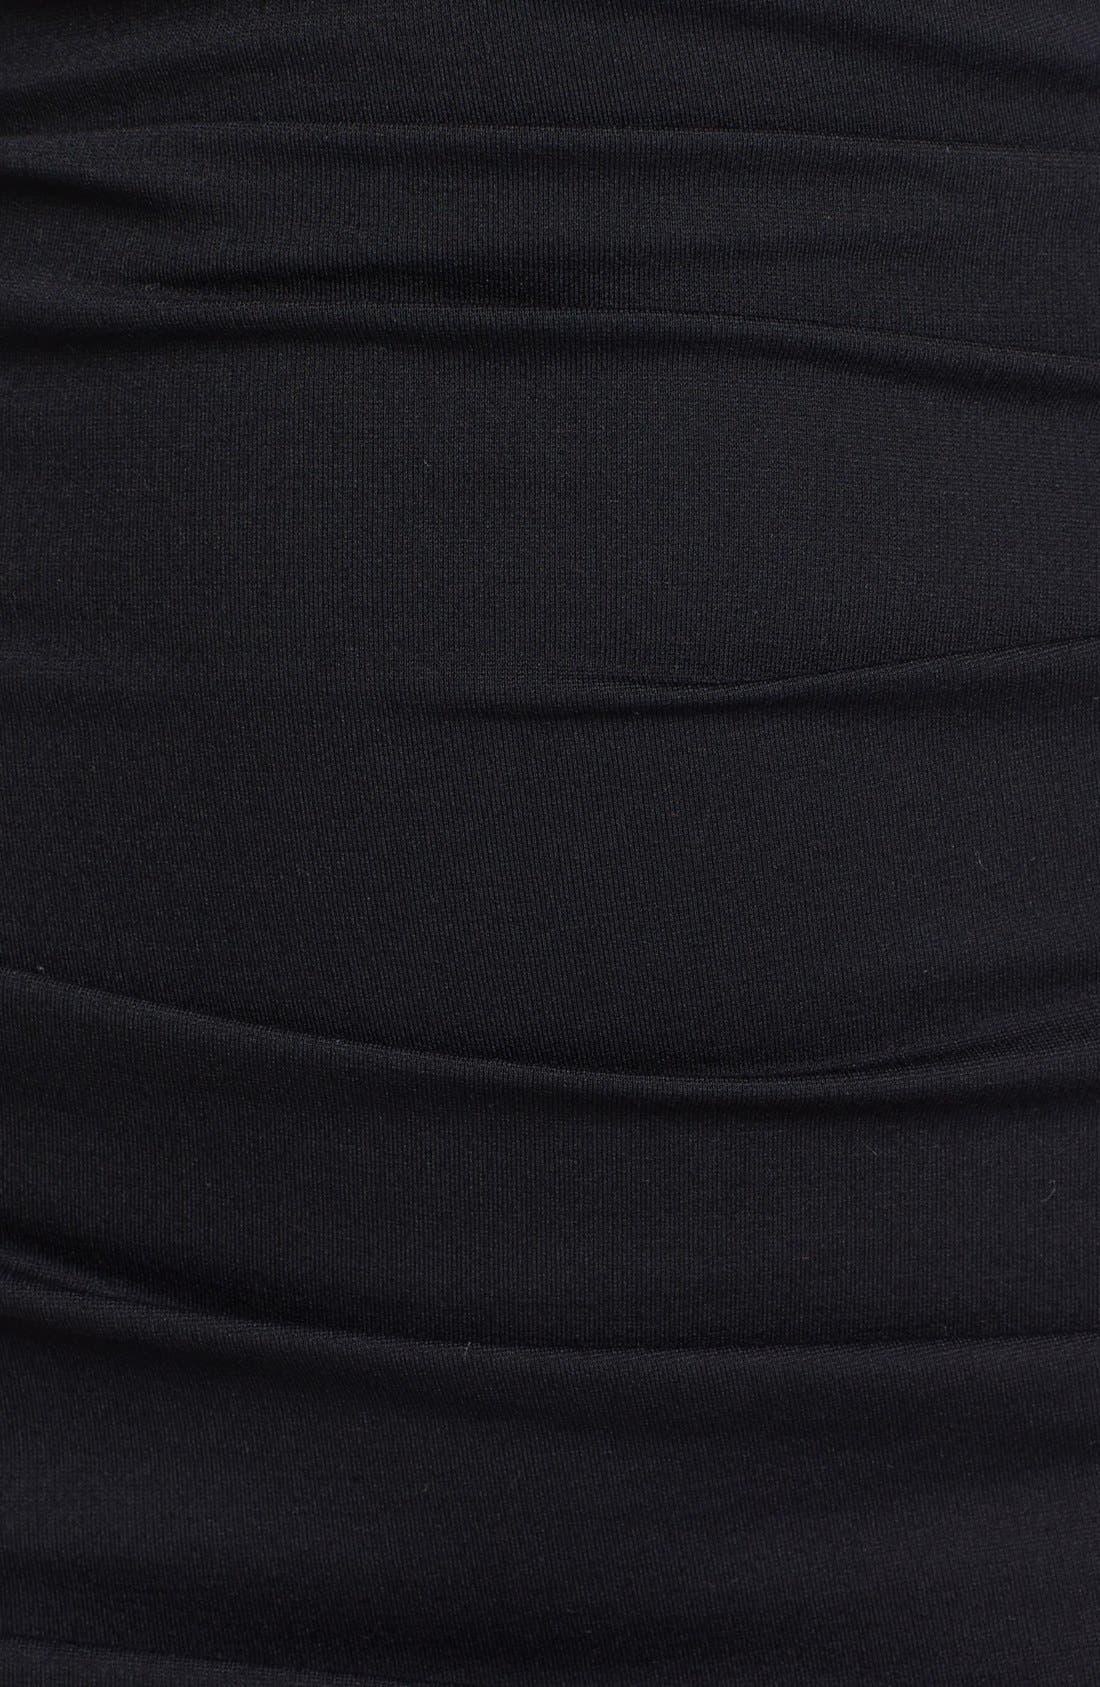 Alternate Image 3  - Nicole Miller Off Shoulder Ponte Knit Sheath Dress